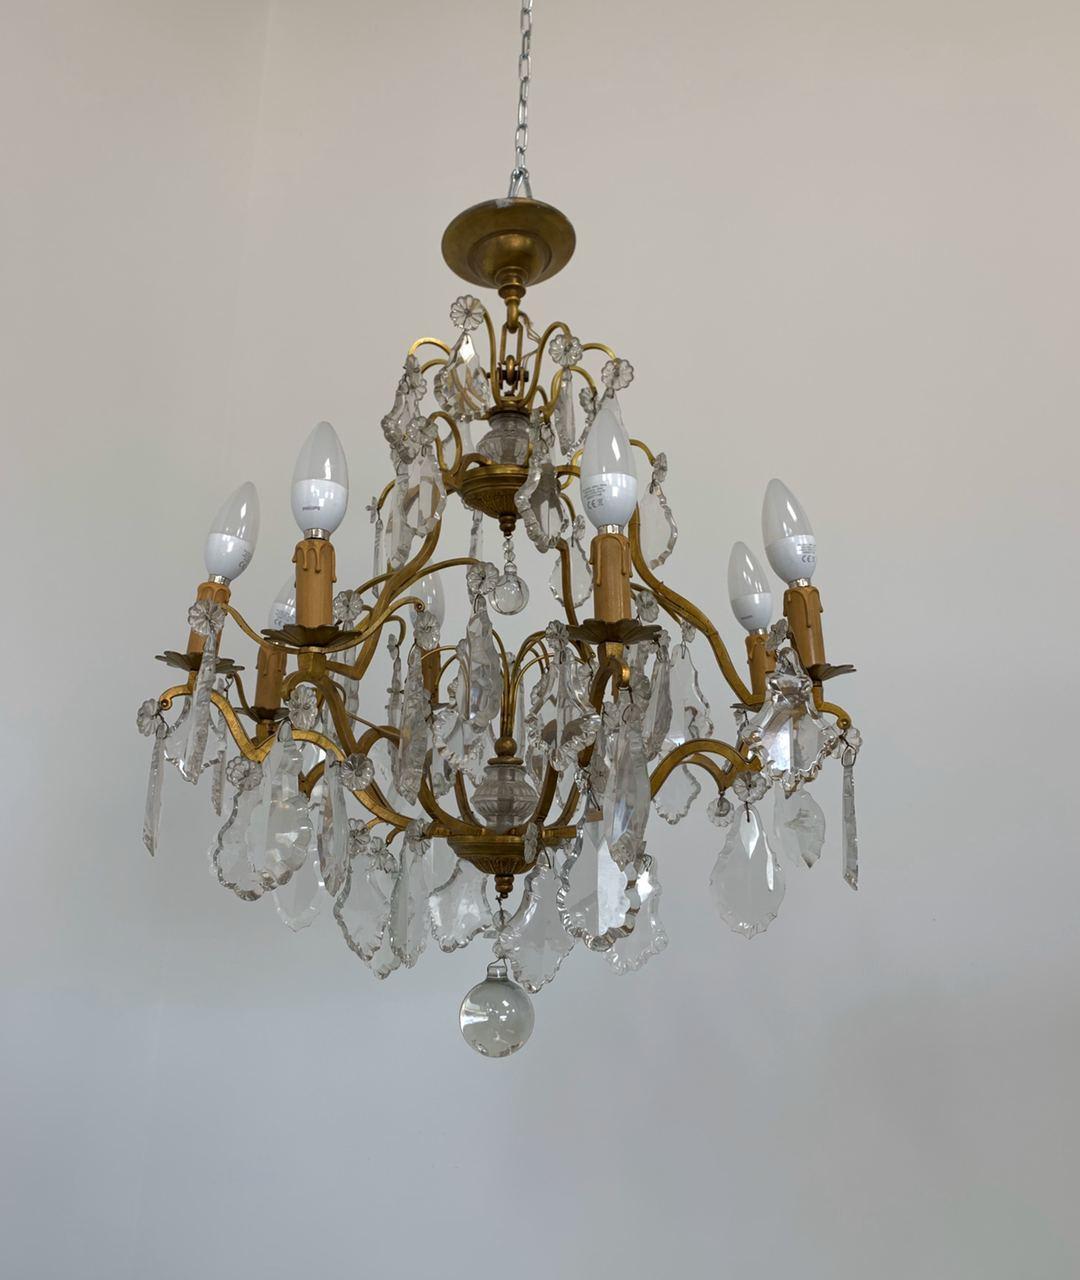 Винтажная люстра из бронзы с хрусталём